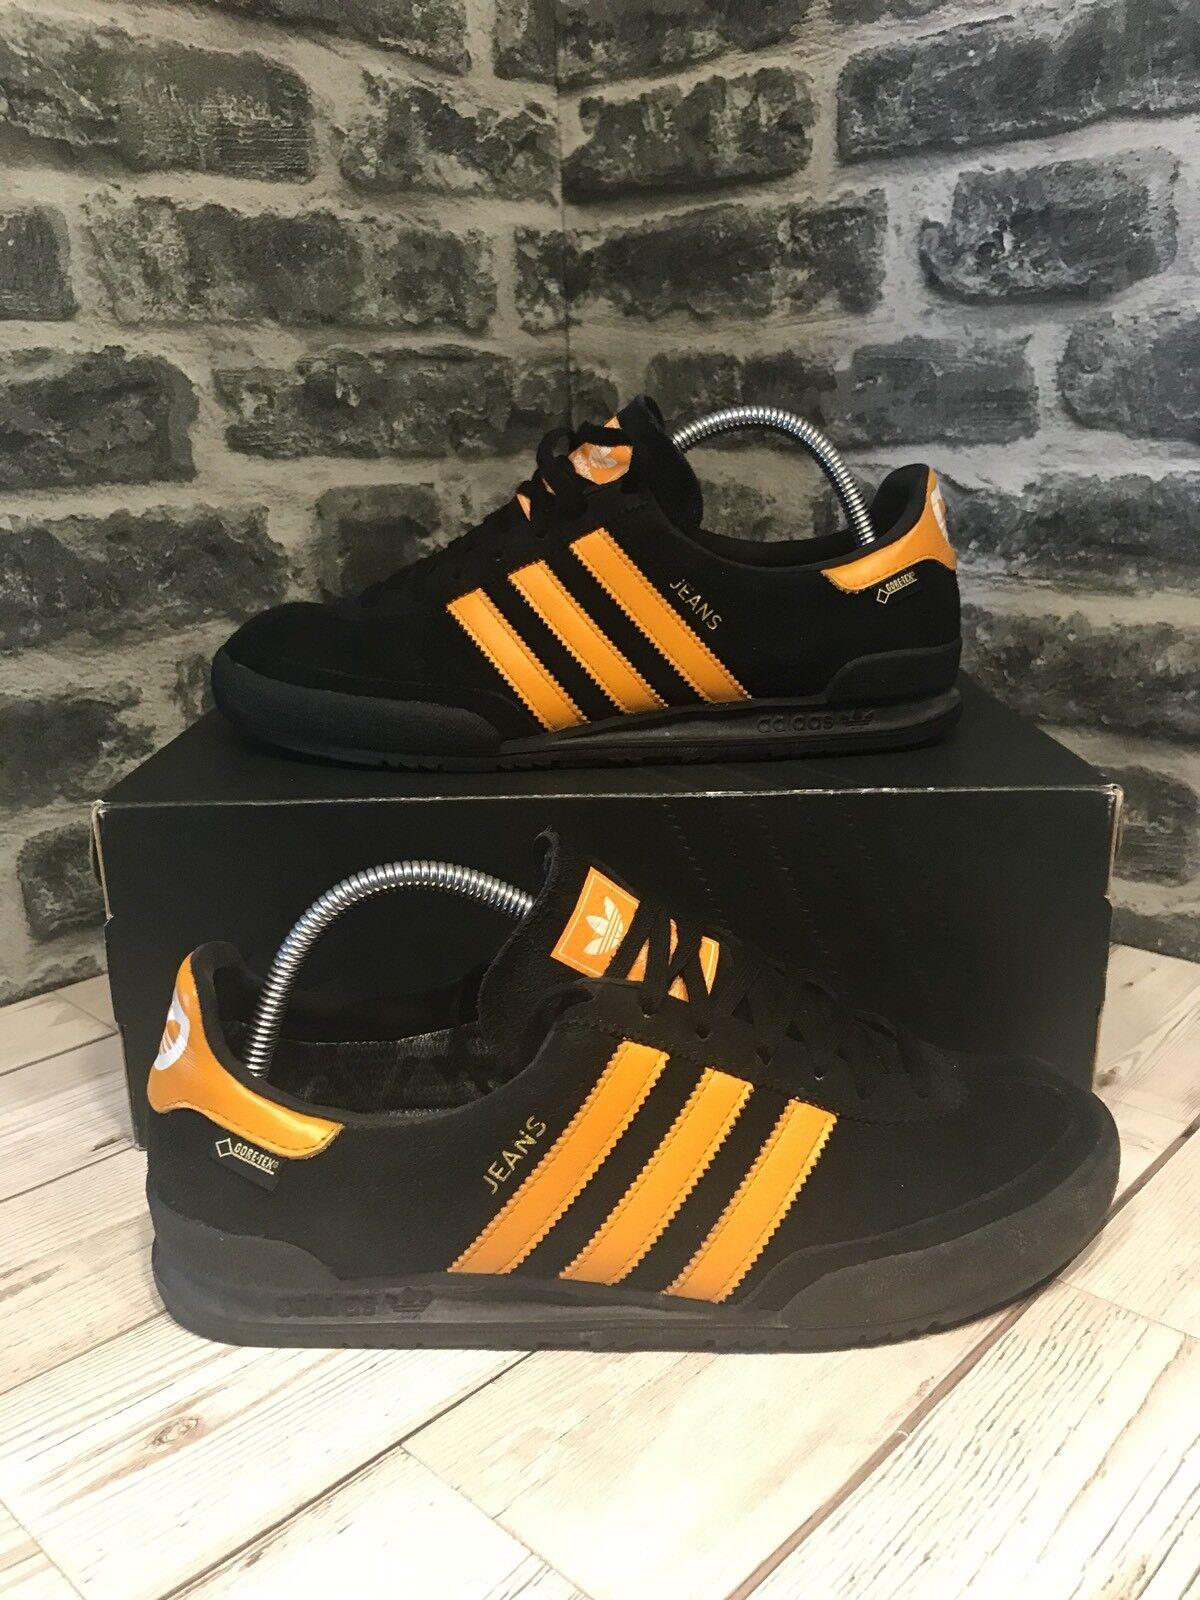 Adidas Originals Jeans GTX TG Nero Arancione Gortex S80000 Scarpe classiche da uomo